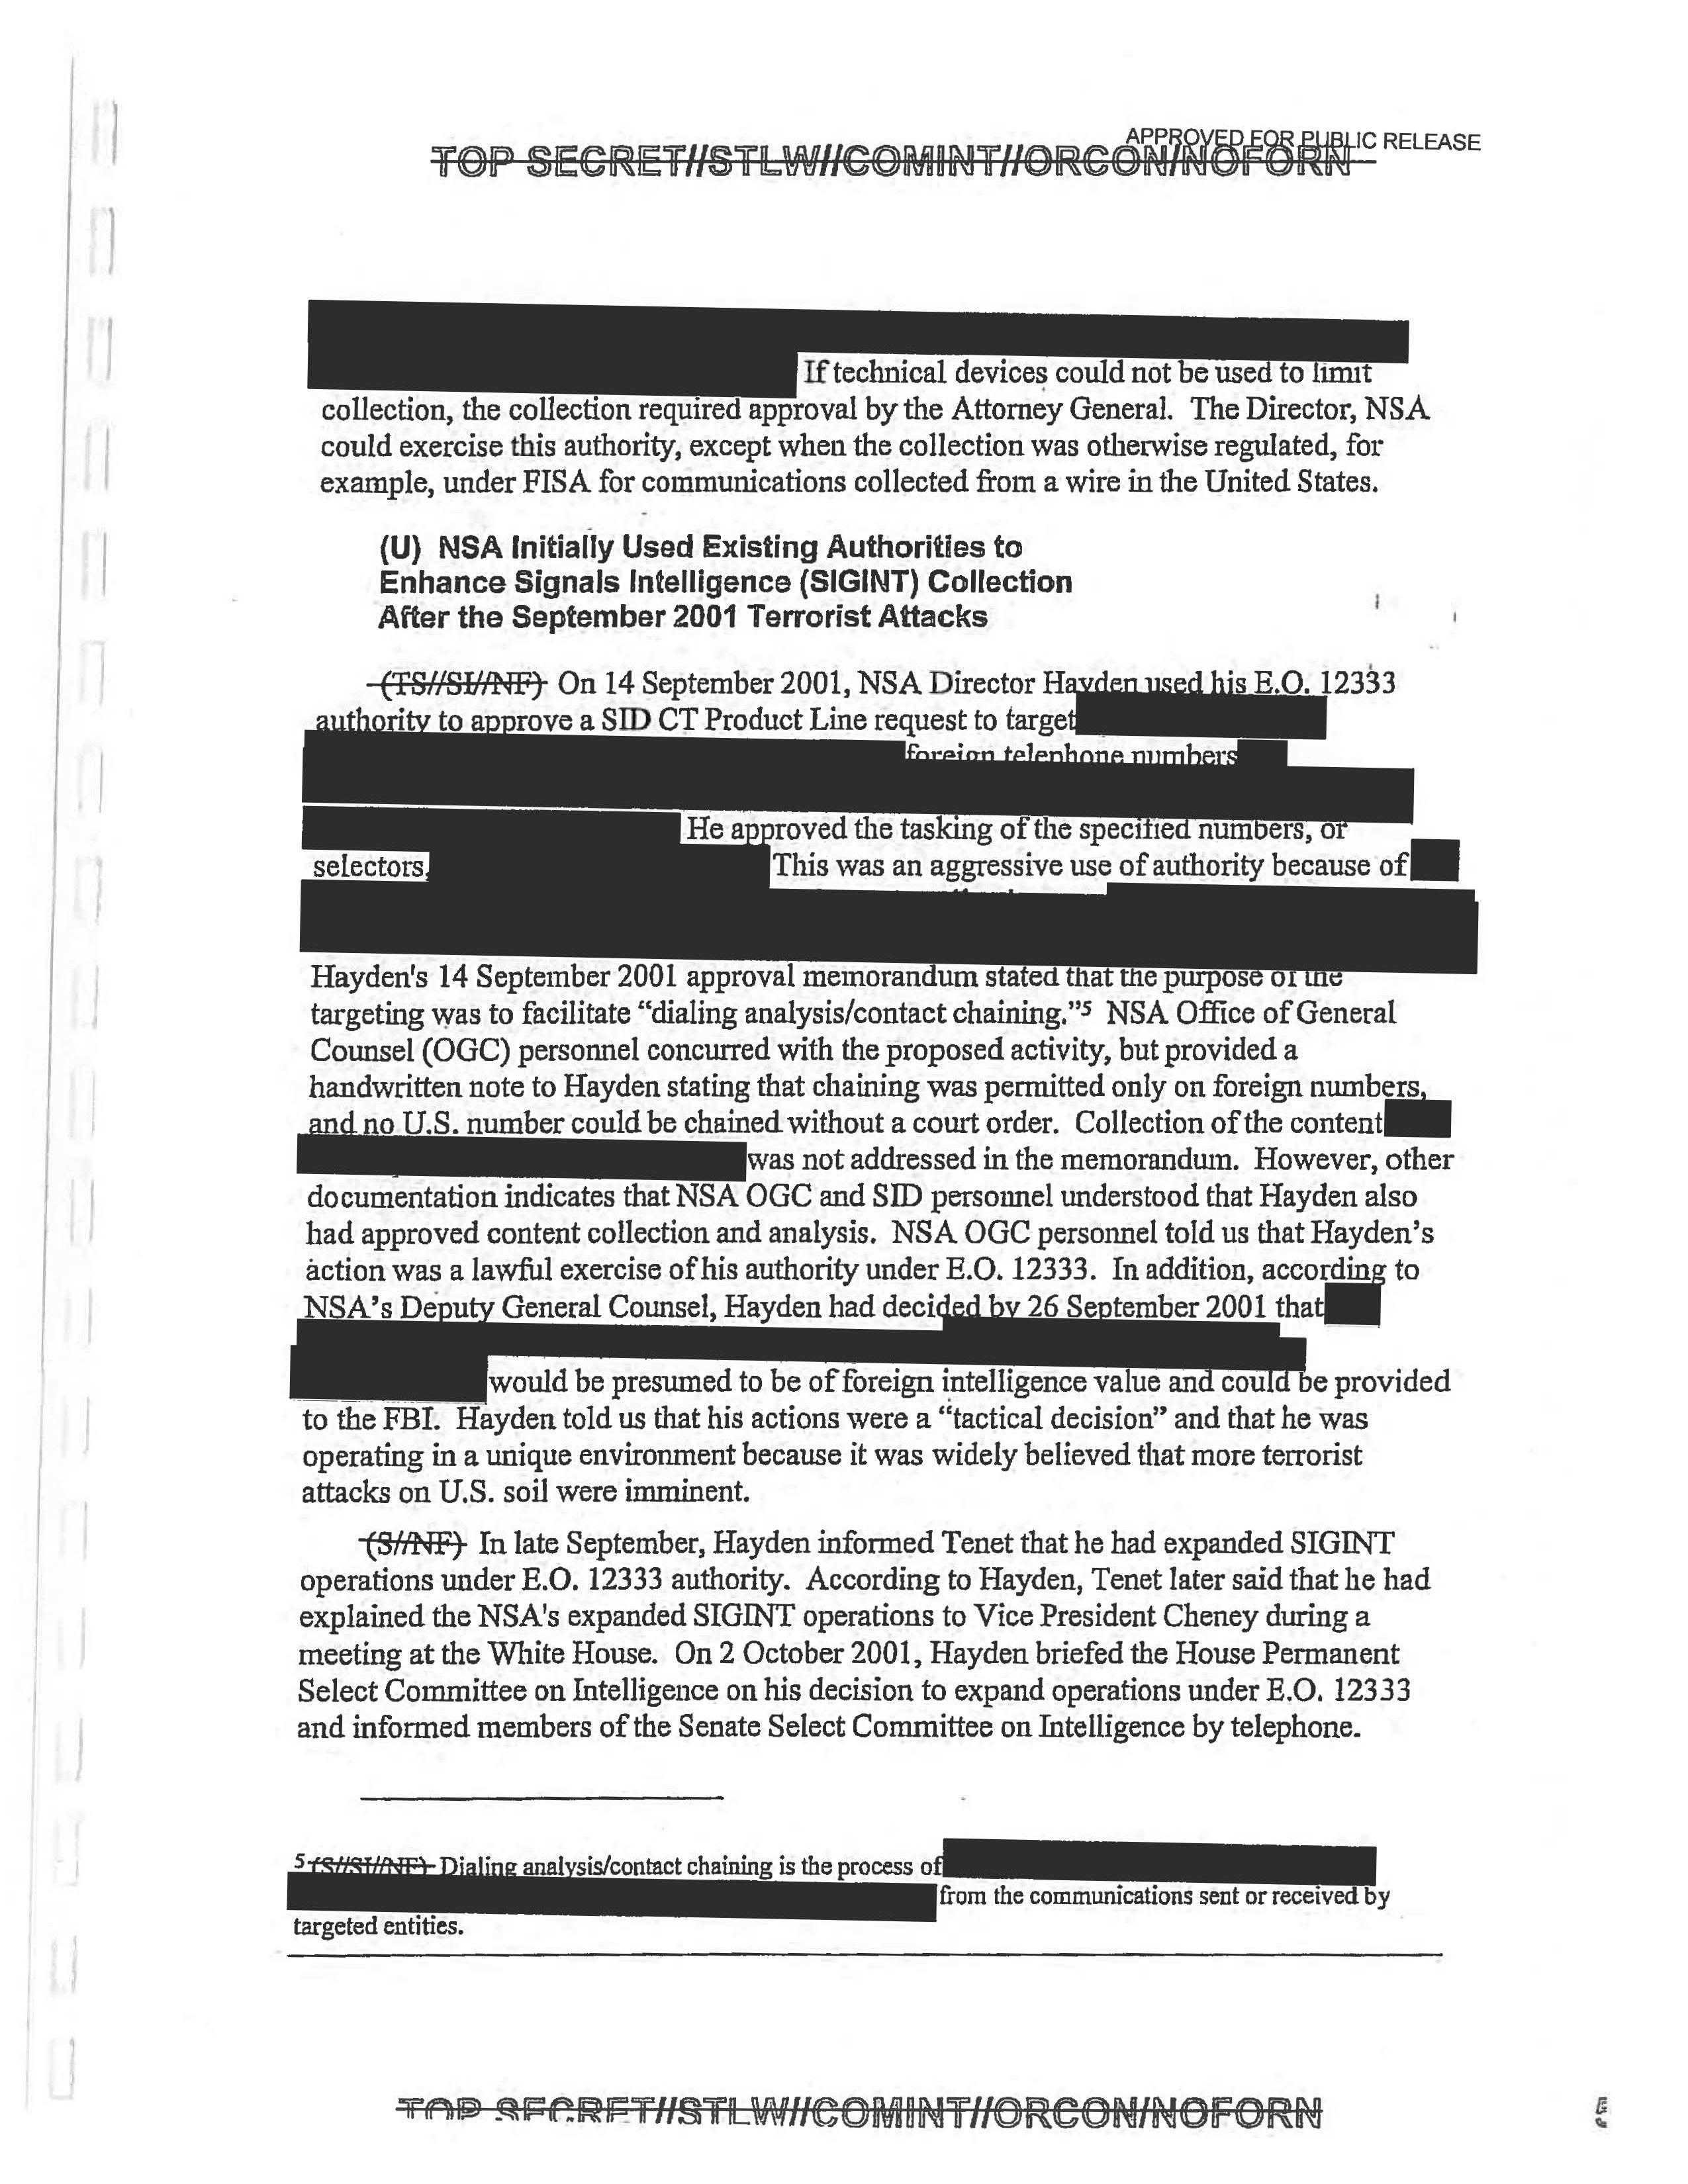 DoJ-PresidentsSurveillanceProgram_Page_015